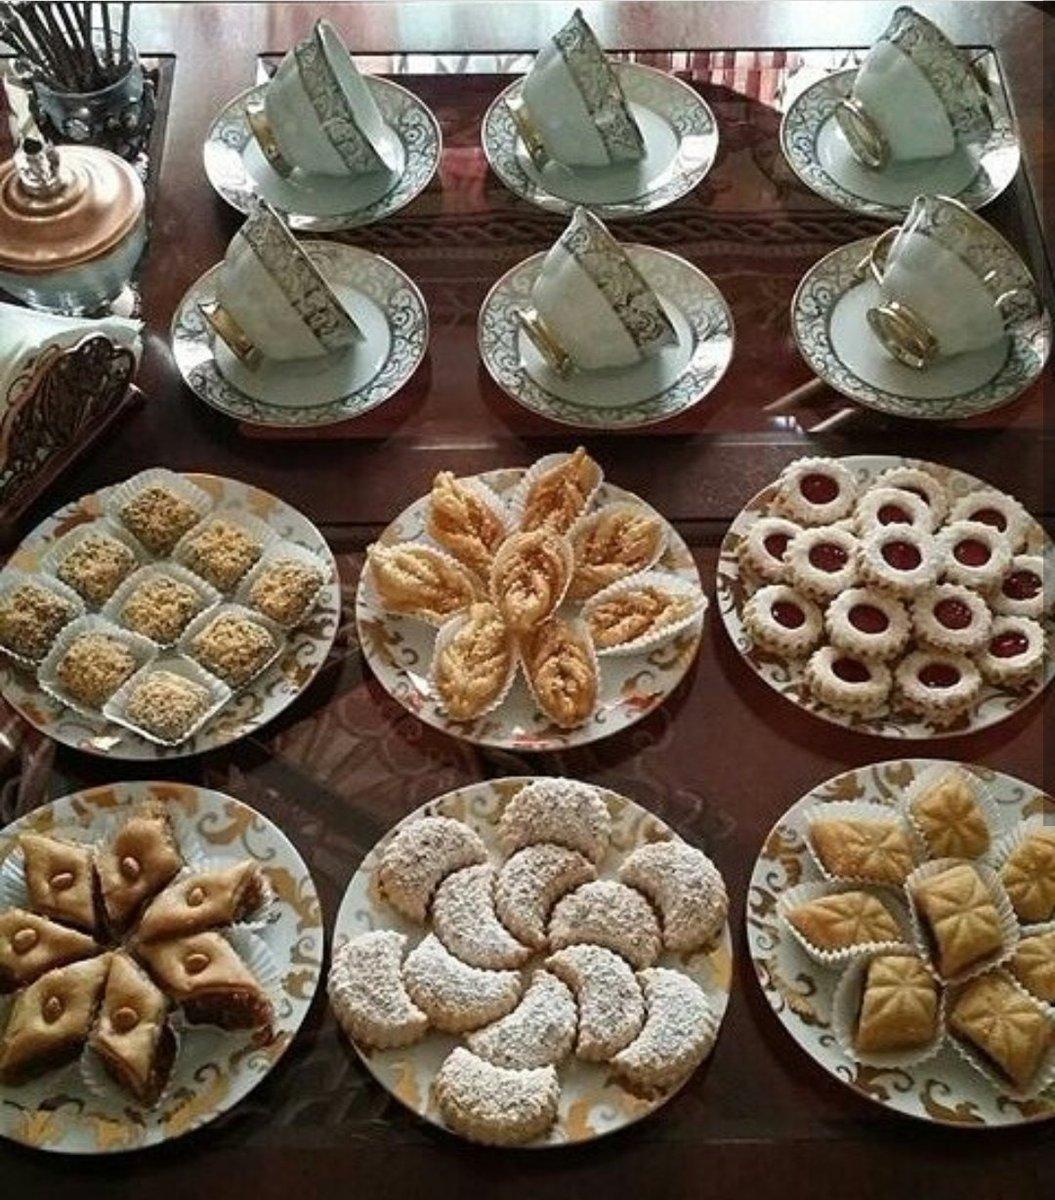 بالصور حلويات جزائرية بسيطة بالصور , شاهد بالصور اروع الحلويات الجزائرية 2041 8